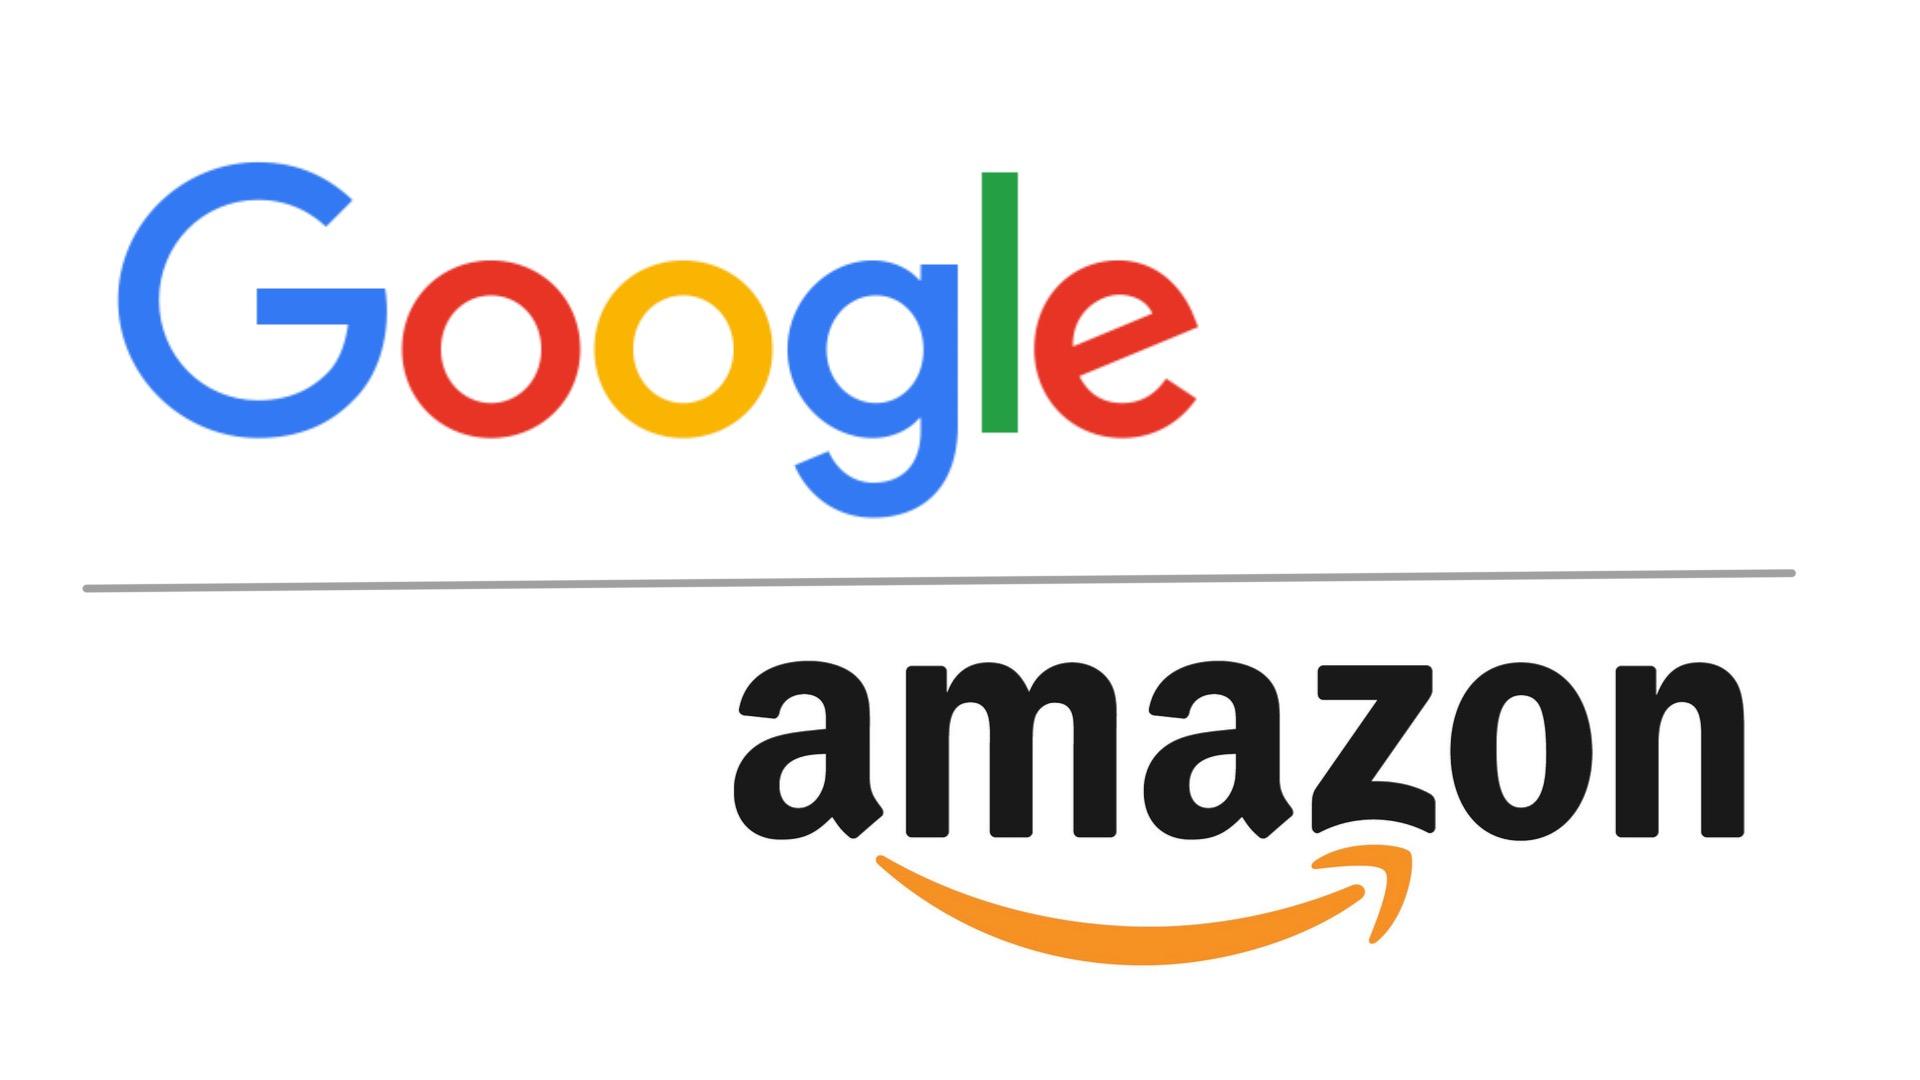 Google、Amazonが和解。Chromecast、Fire TVの相互でプライム・ビデオ、YouTubeが今年後半に利用可能に